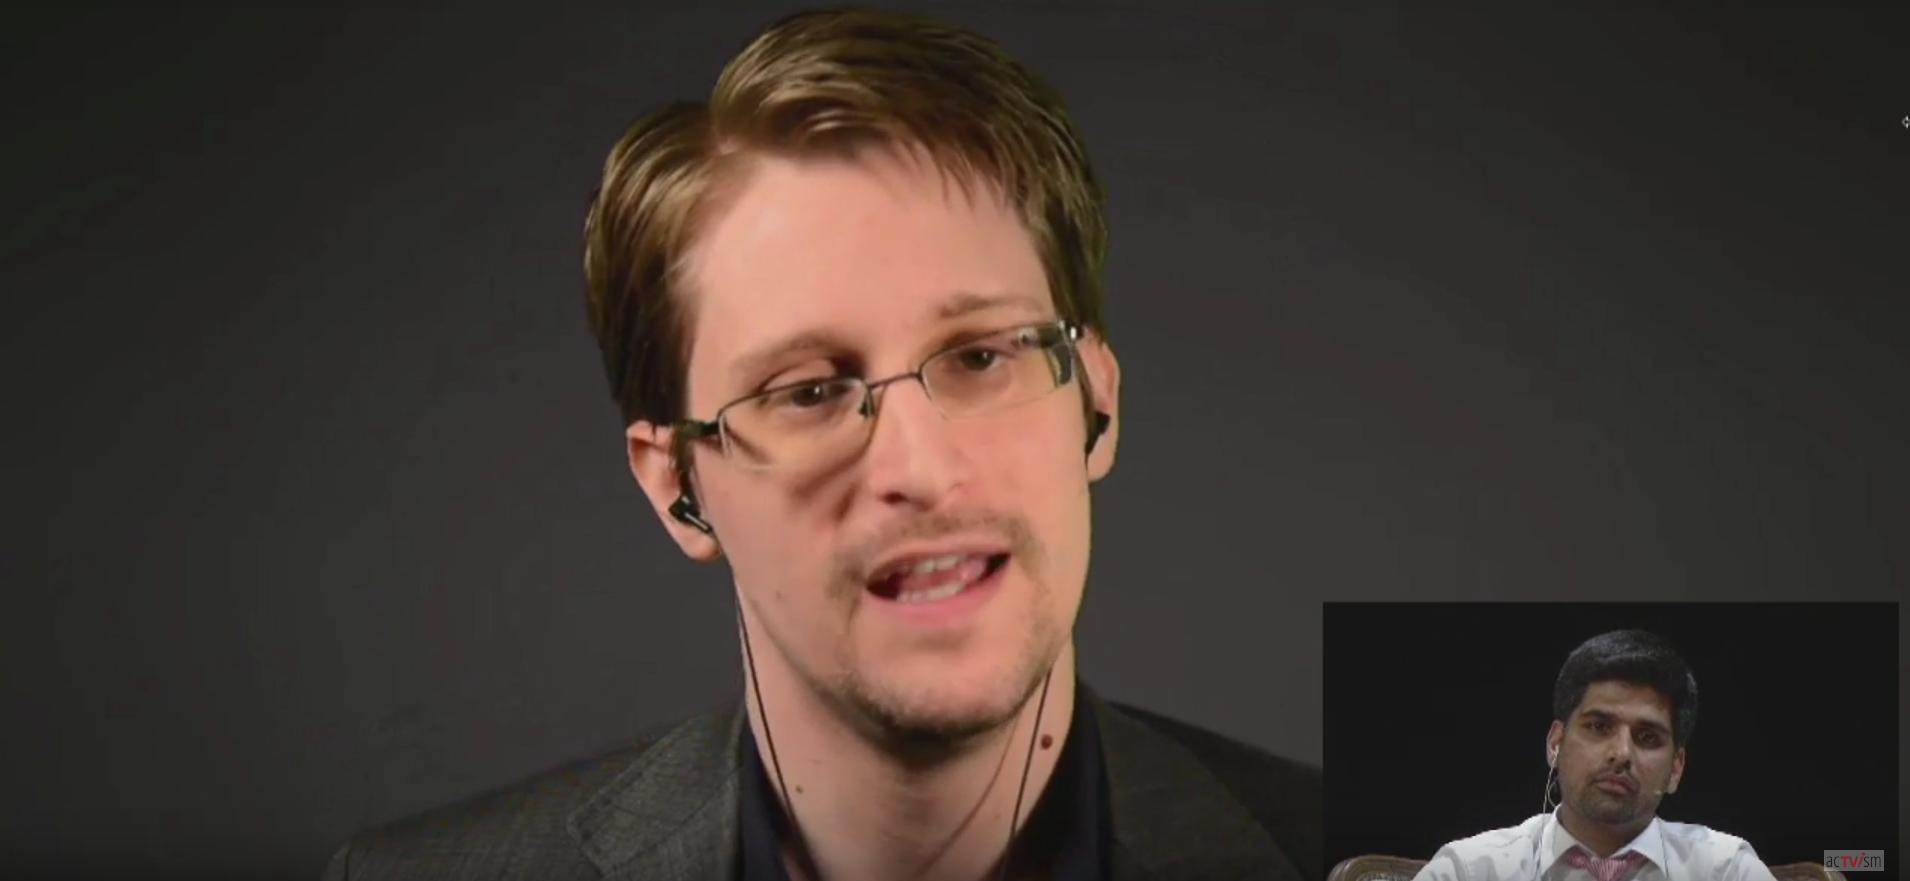 Edward Snowden acTVism Munich